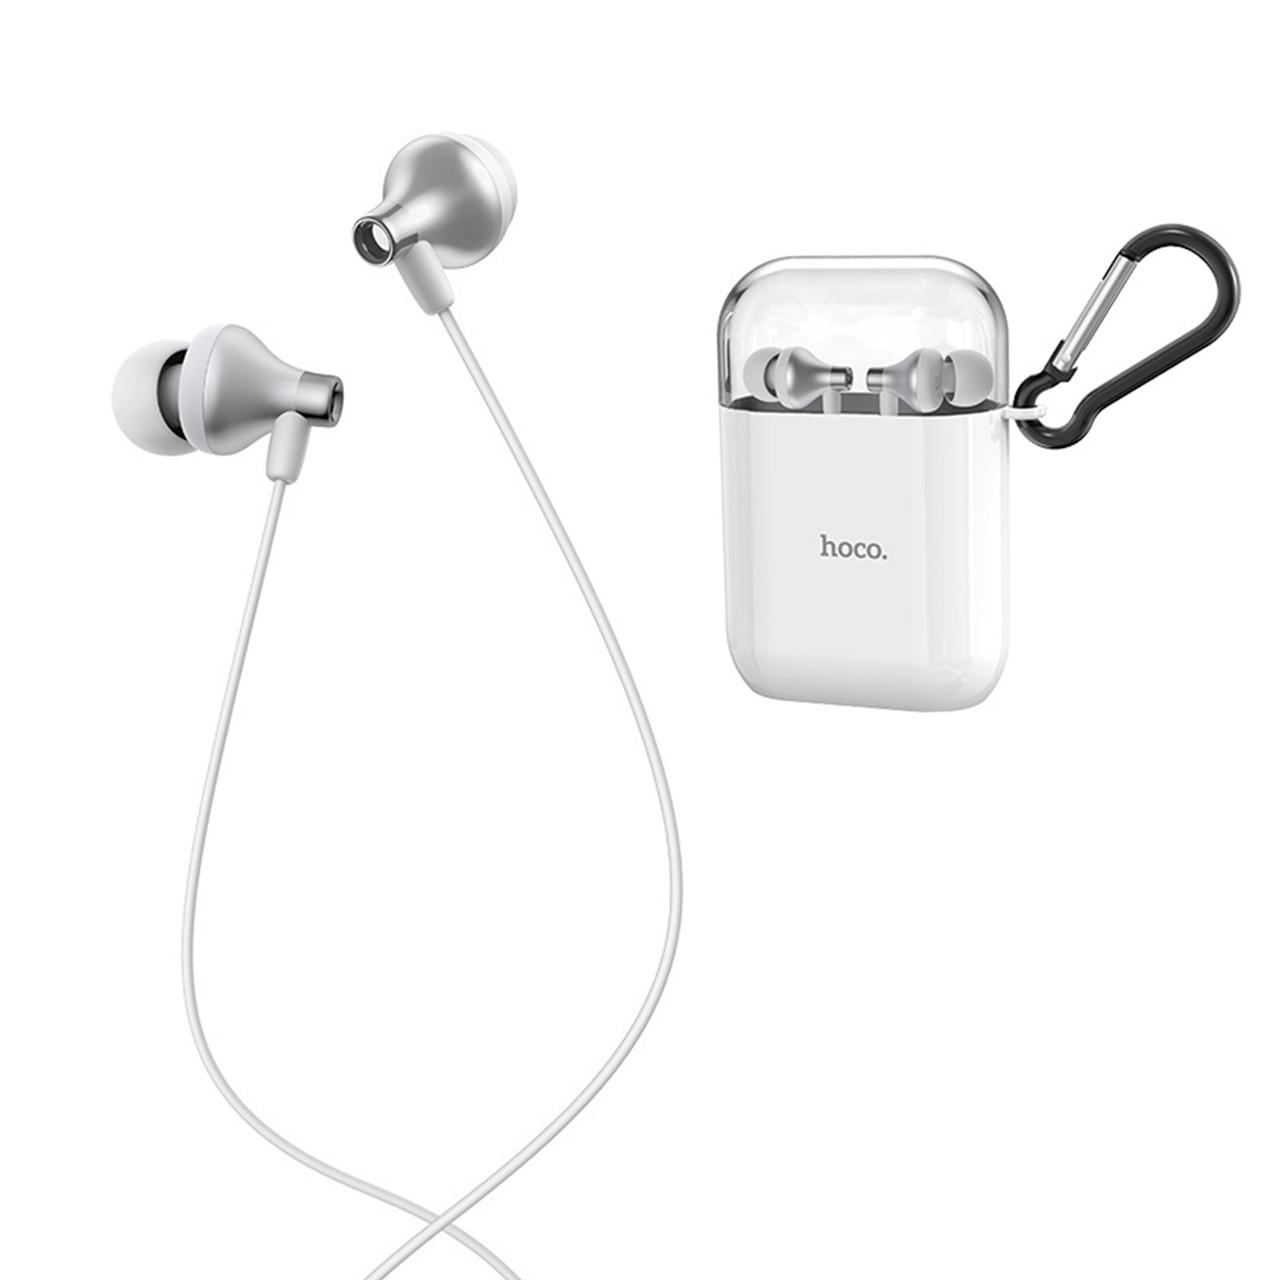 Гарнитура Hoco M74 Classic universal Earphones, Black/White